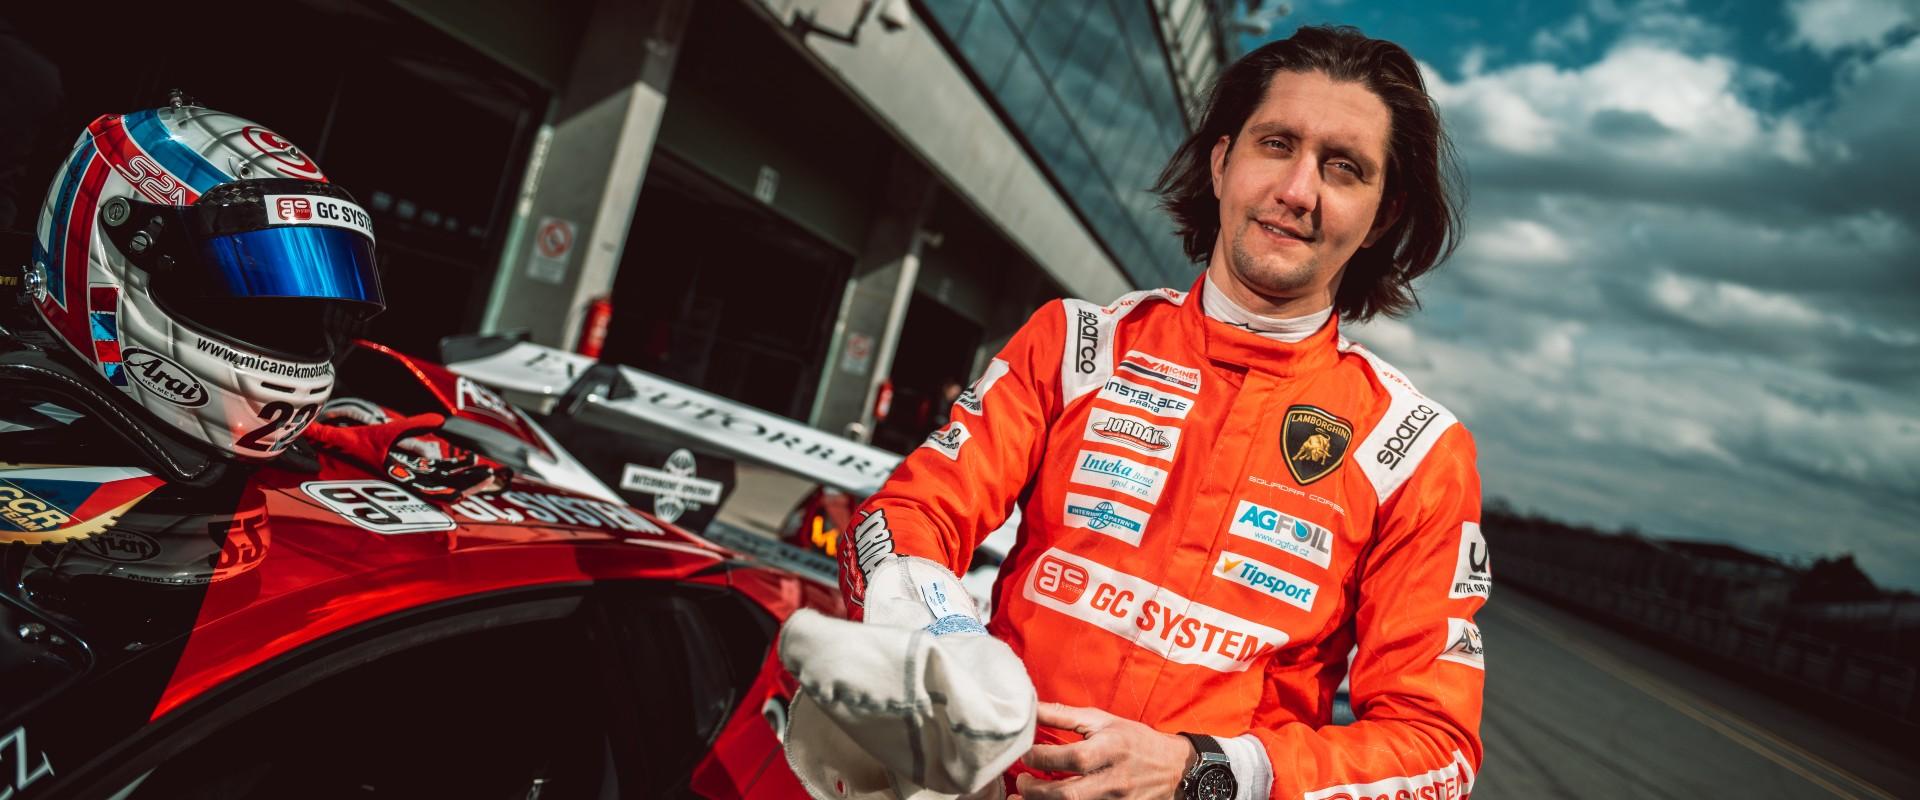 """Huracán na """"hostování"""": Jiří Mičánek ml. odstartuje s Lamborghini na jubilejním Zámeckém vrchu"""